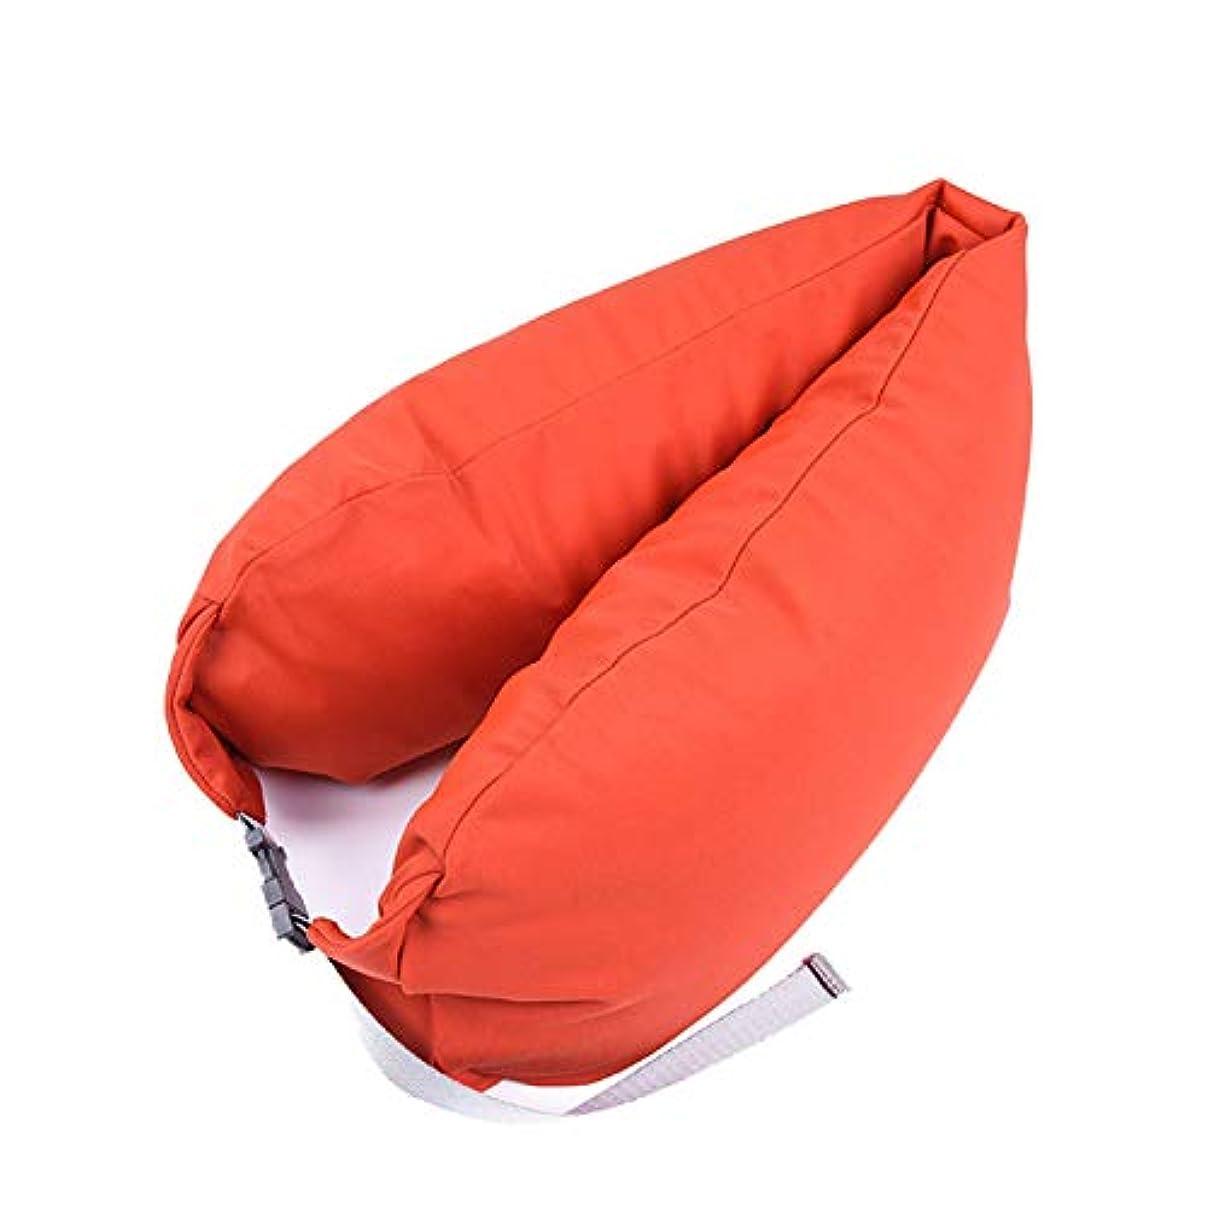 冒険家不一致災害SMART ホームオフィス背もたれ椅子腰椎クッションカーシートネック枕 3D 低反発サポートバックマッサージウエストレスリビング枕 クッション 椅子